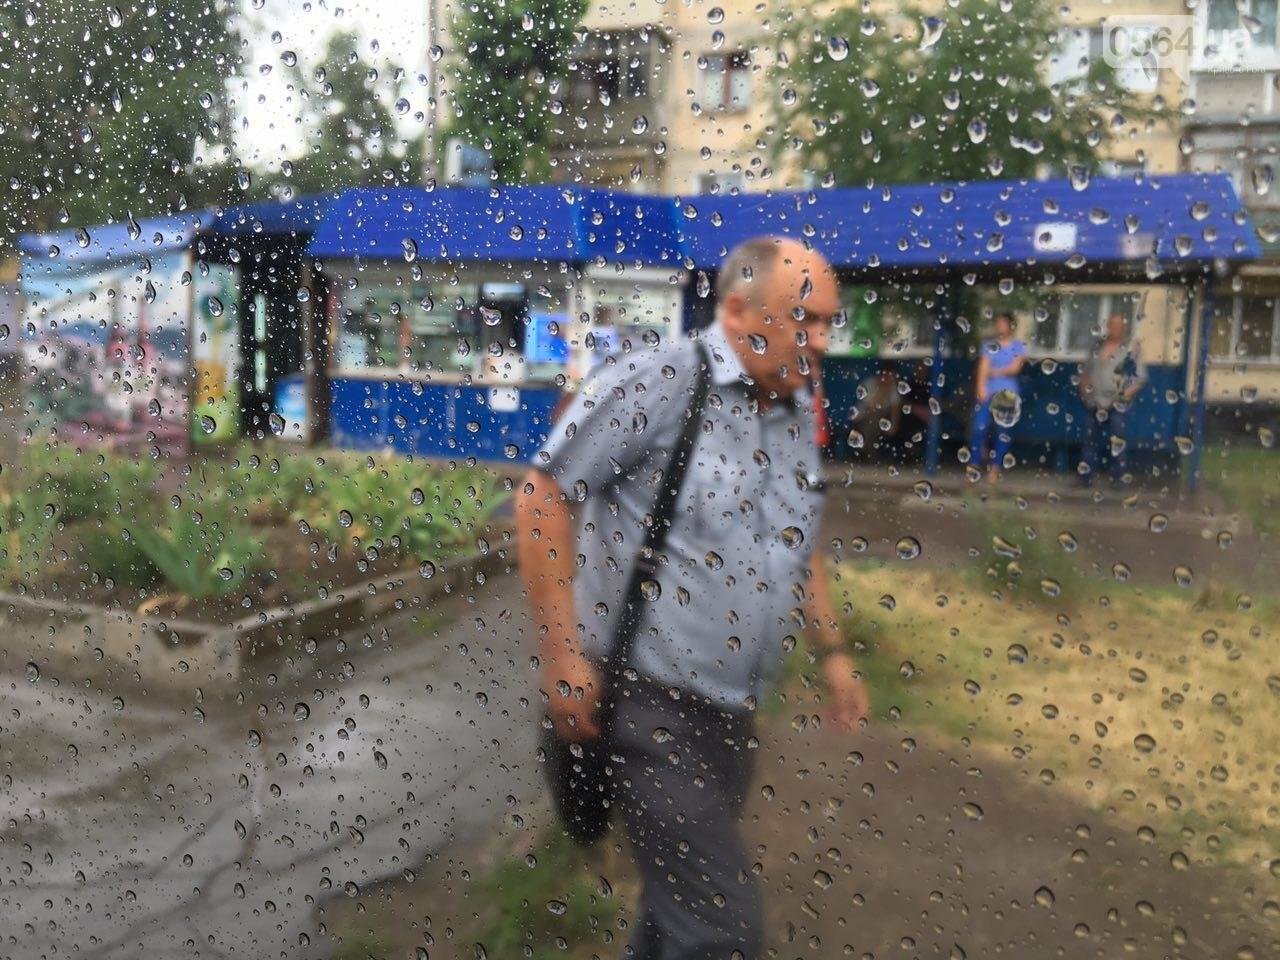 Маршрут дождя: В Кривом Роге в одних районах льет ливень, в других ярко светит солнце, - ФОТО, фото-11